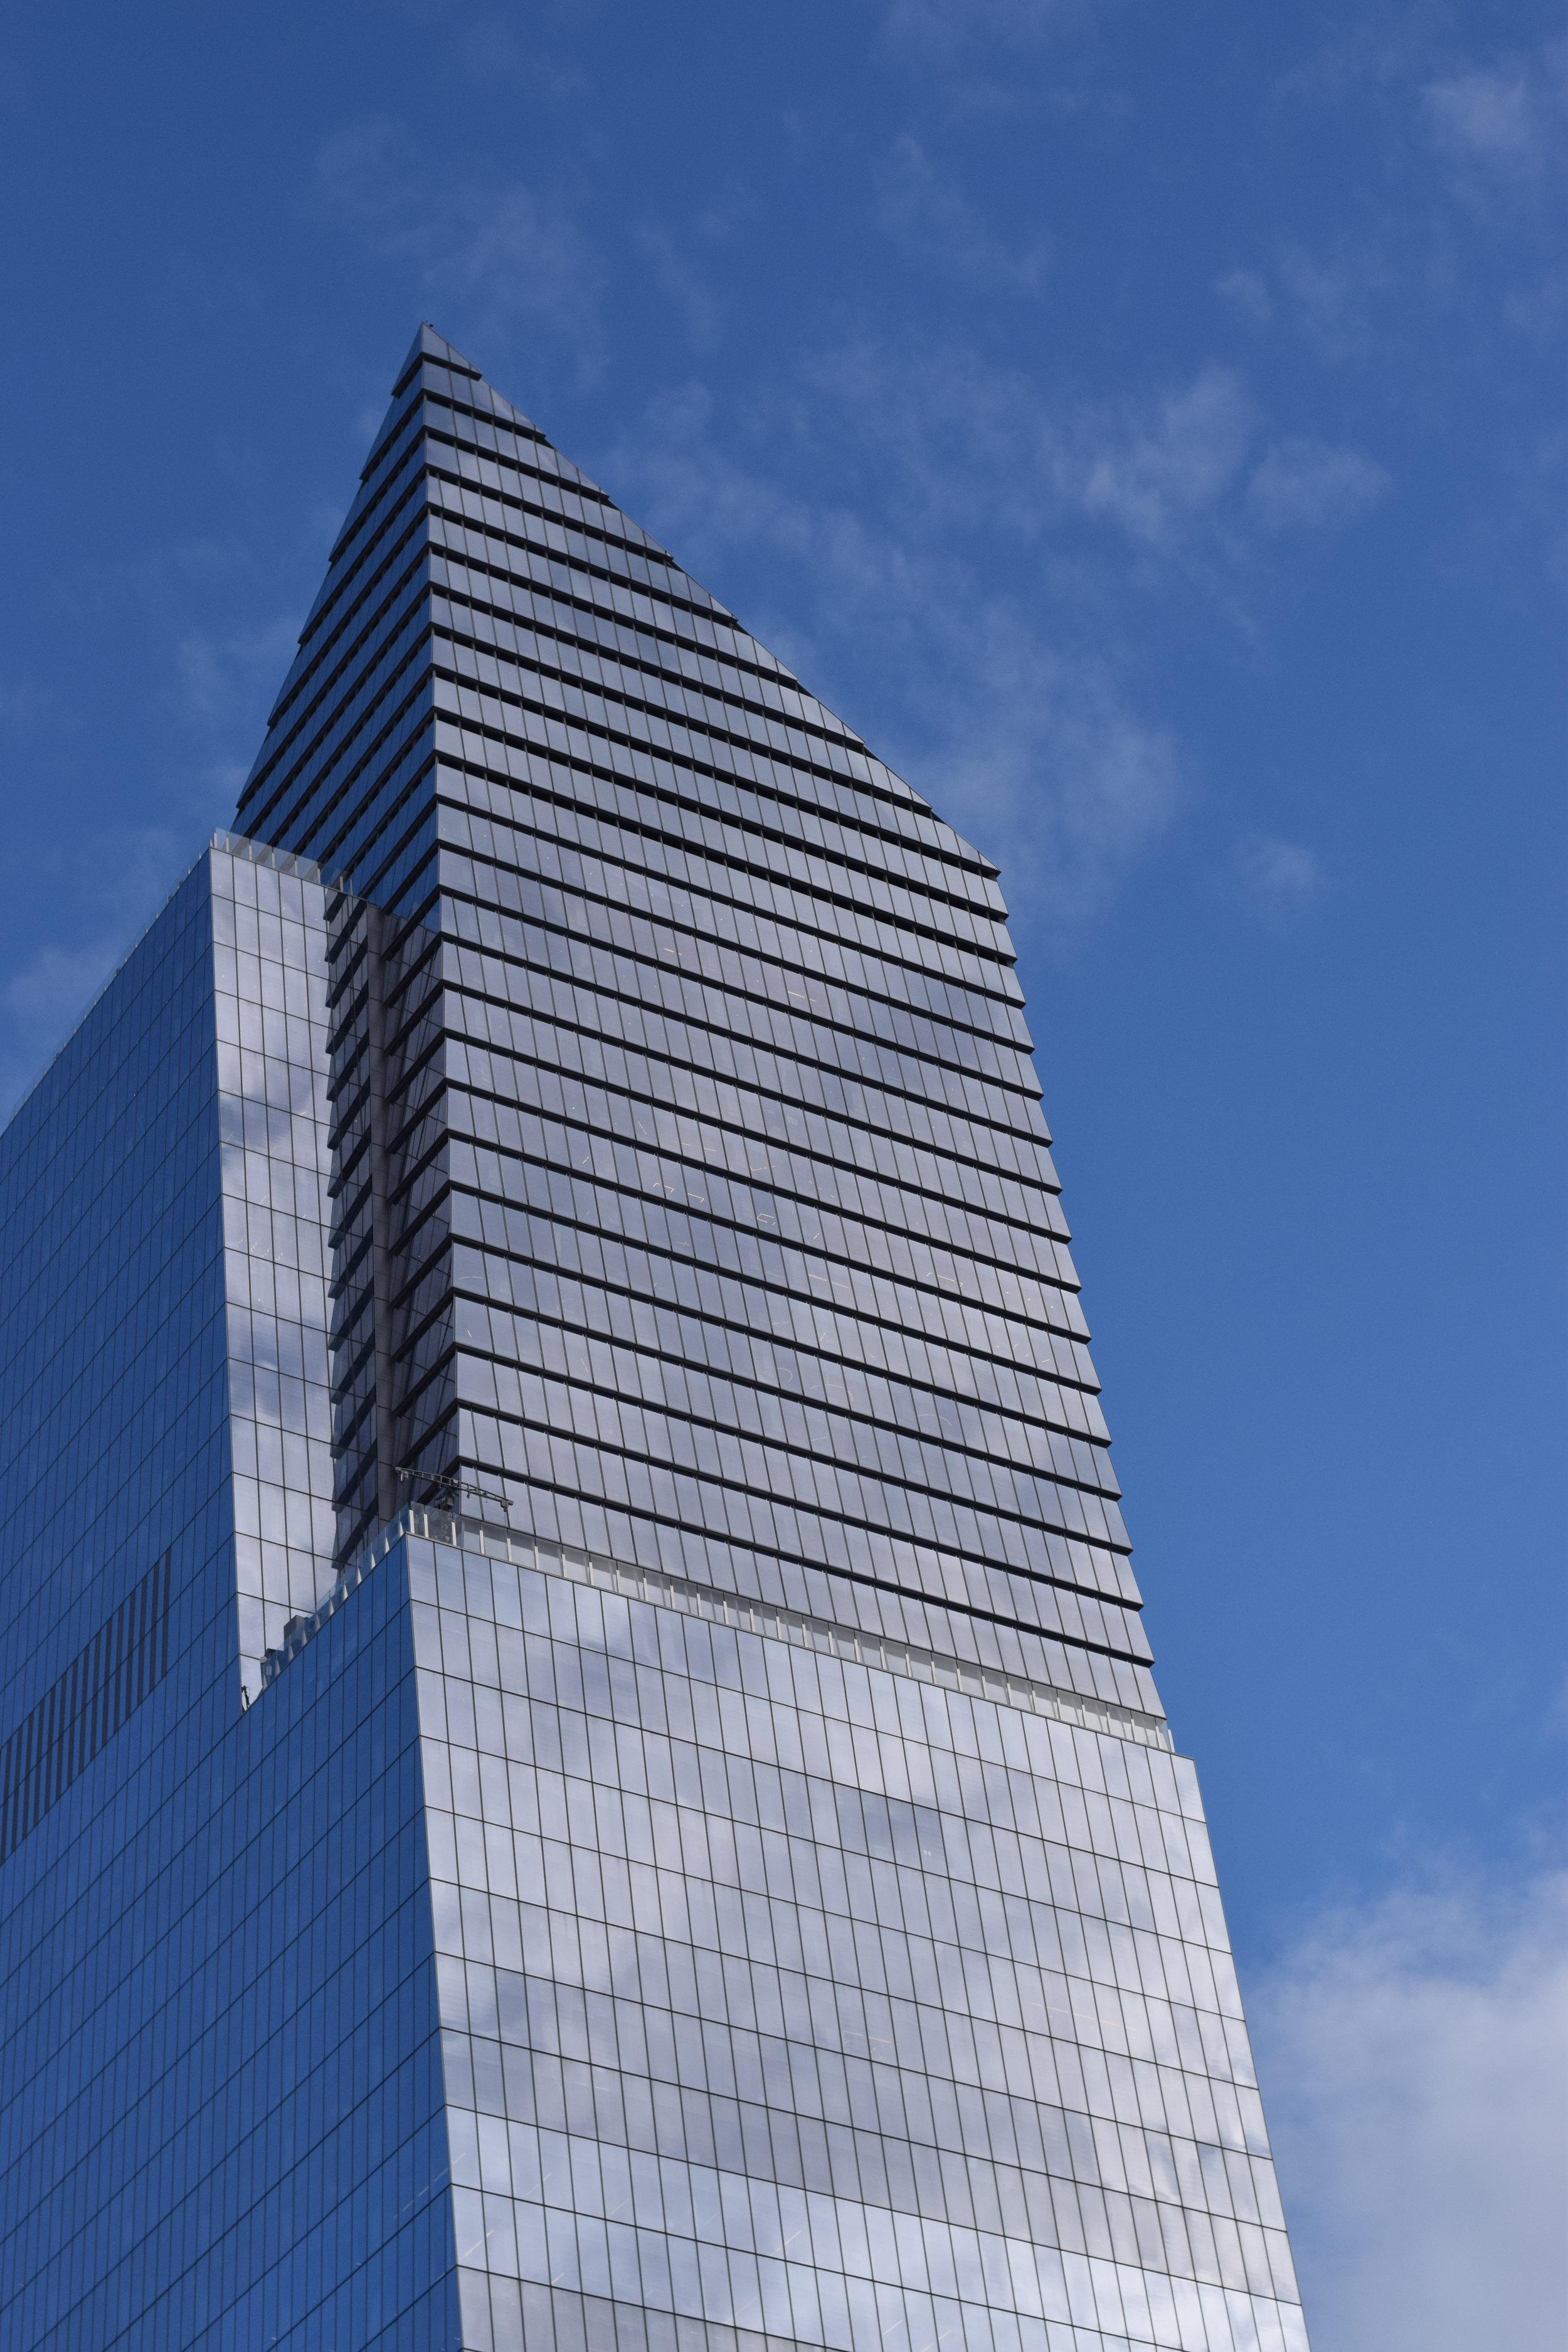 11th ave, New York, NY